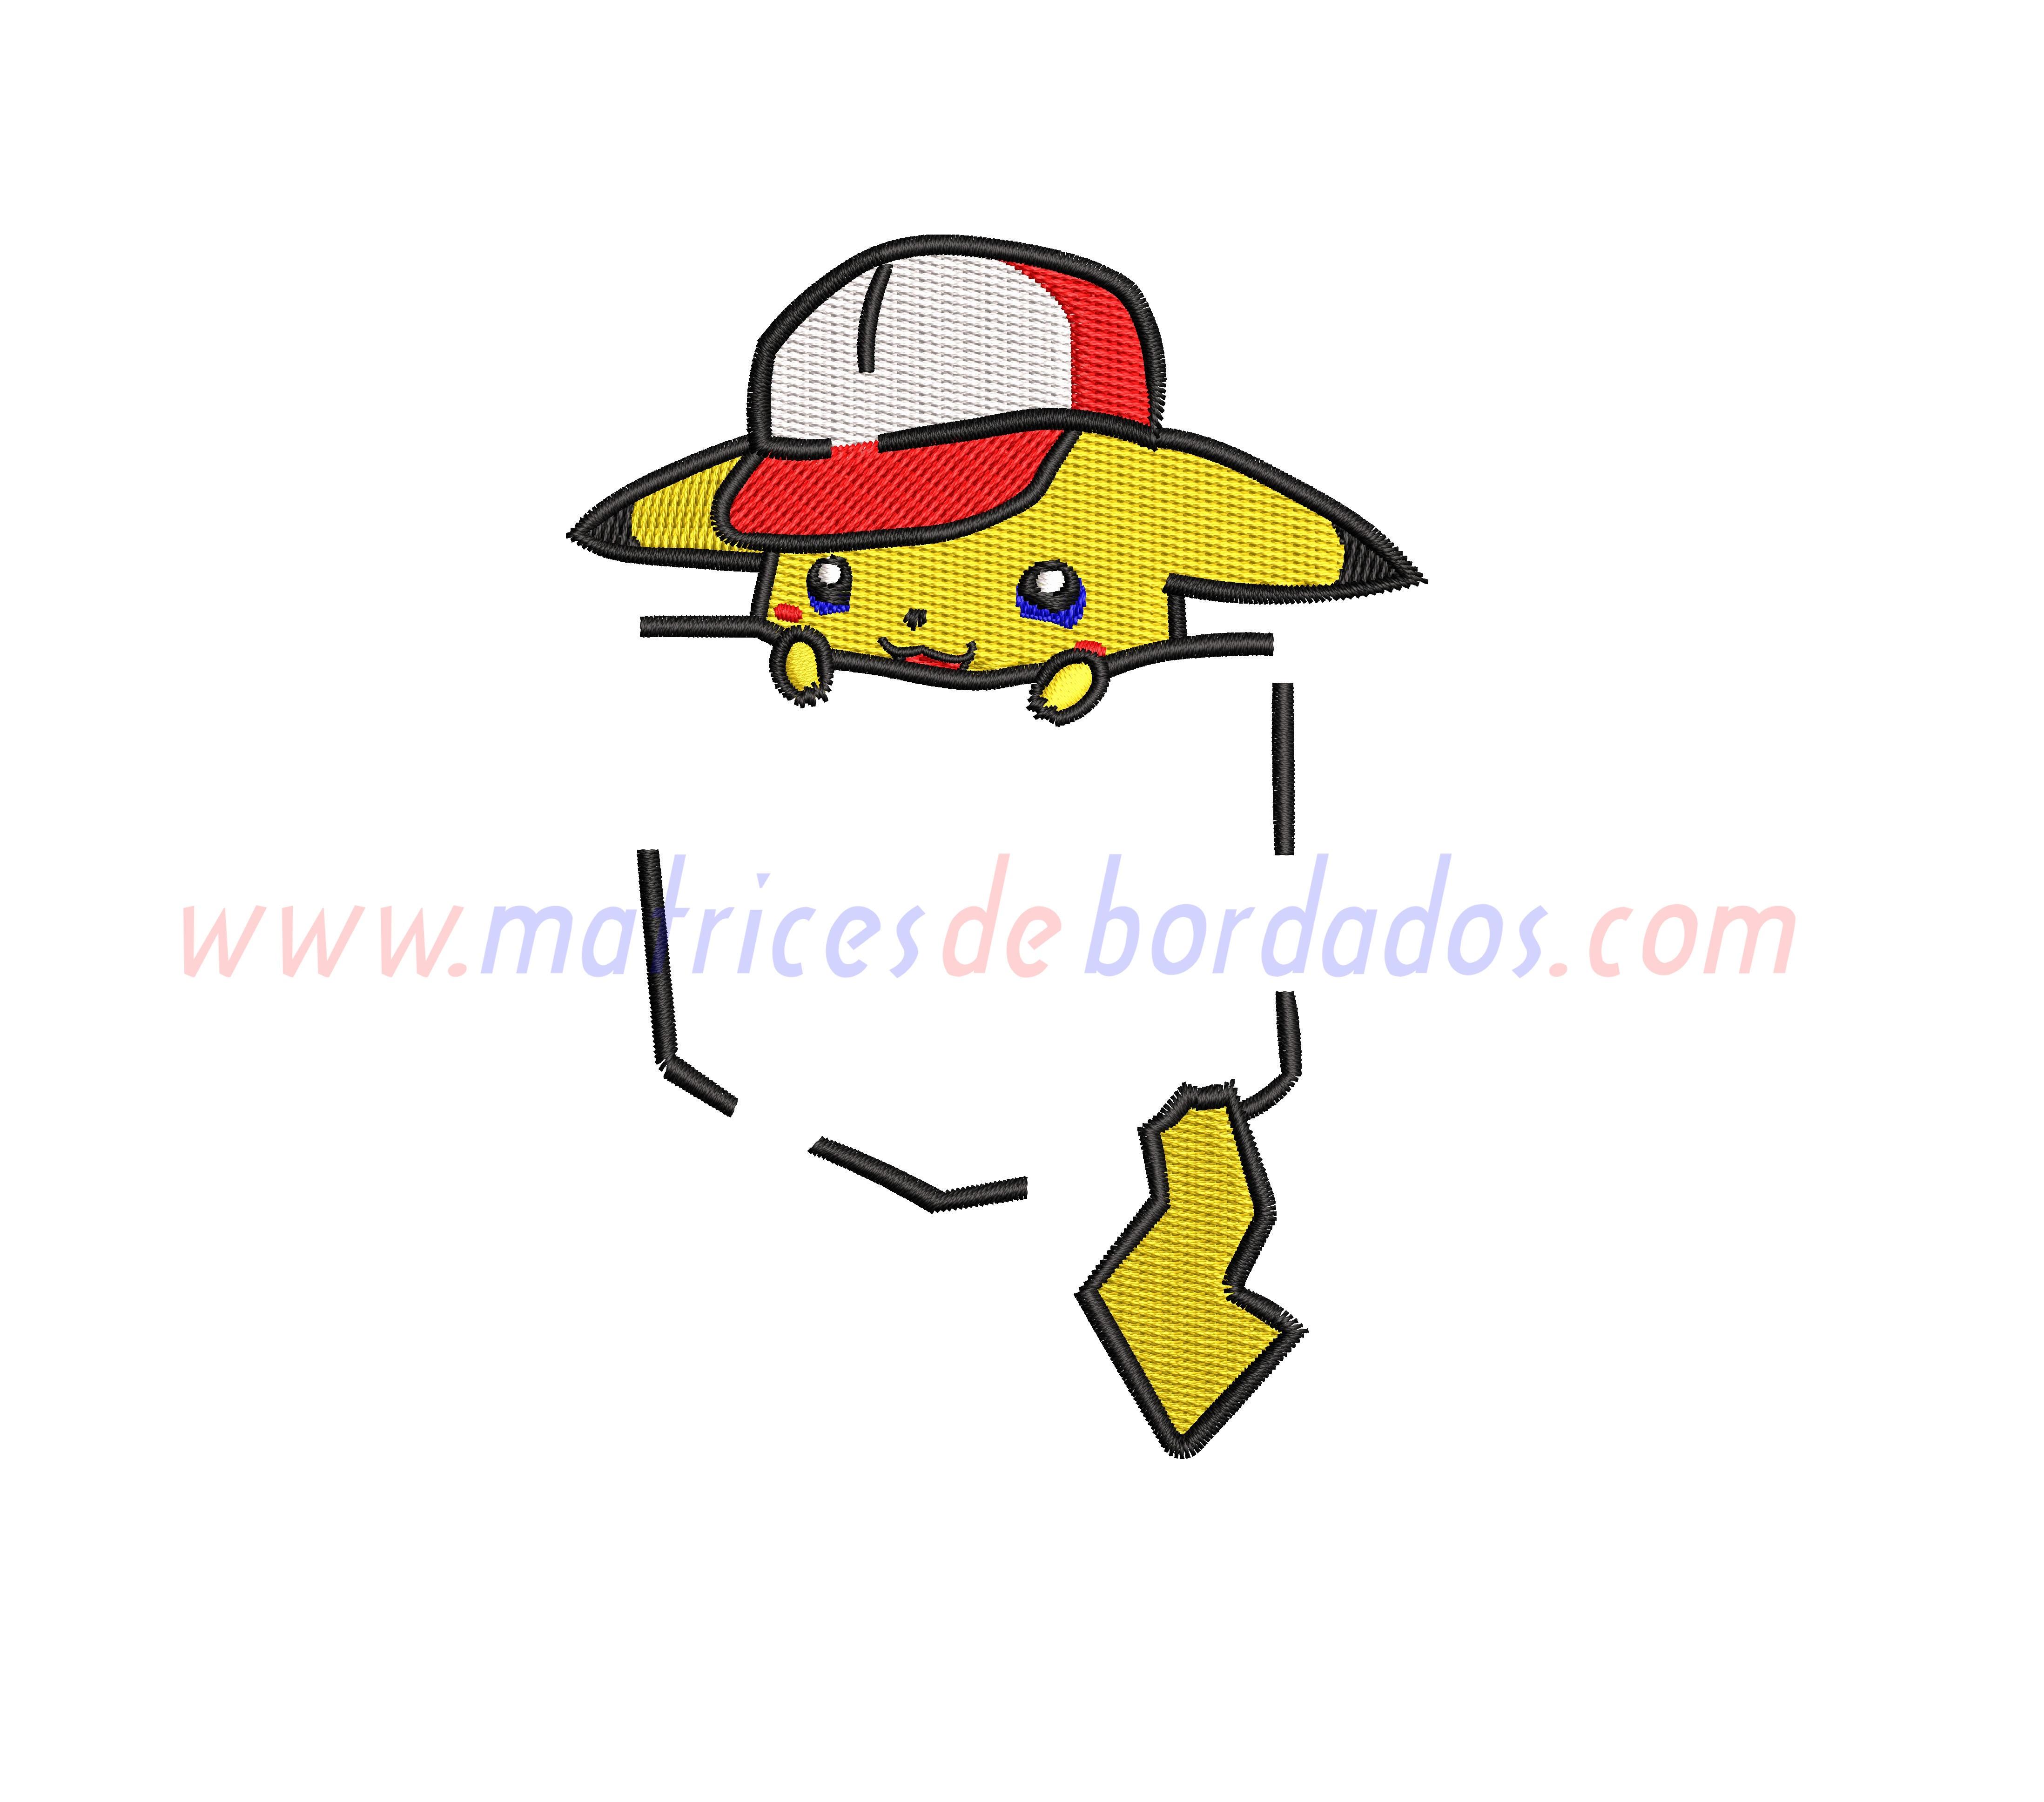 FZ49GT - Bolsillo Pikachu